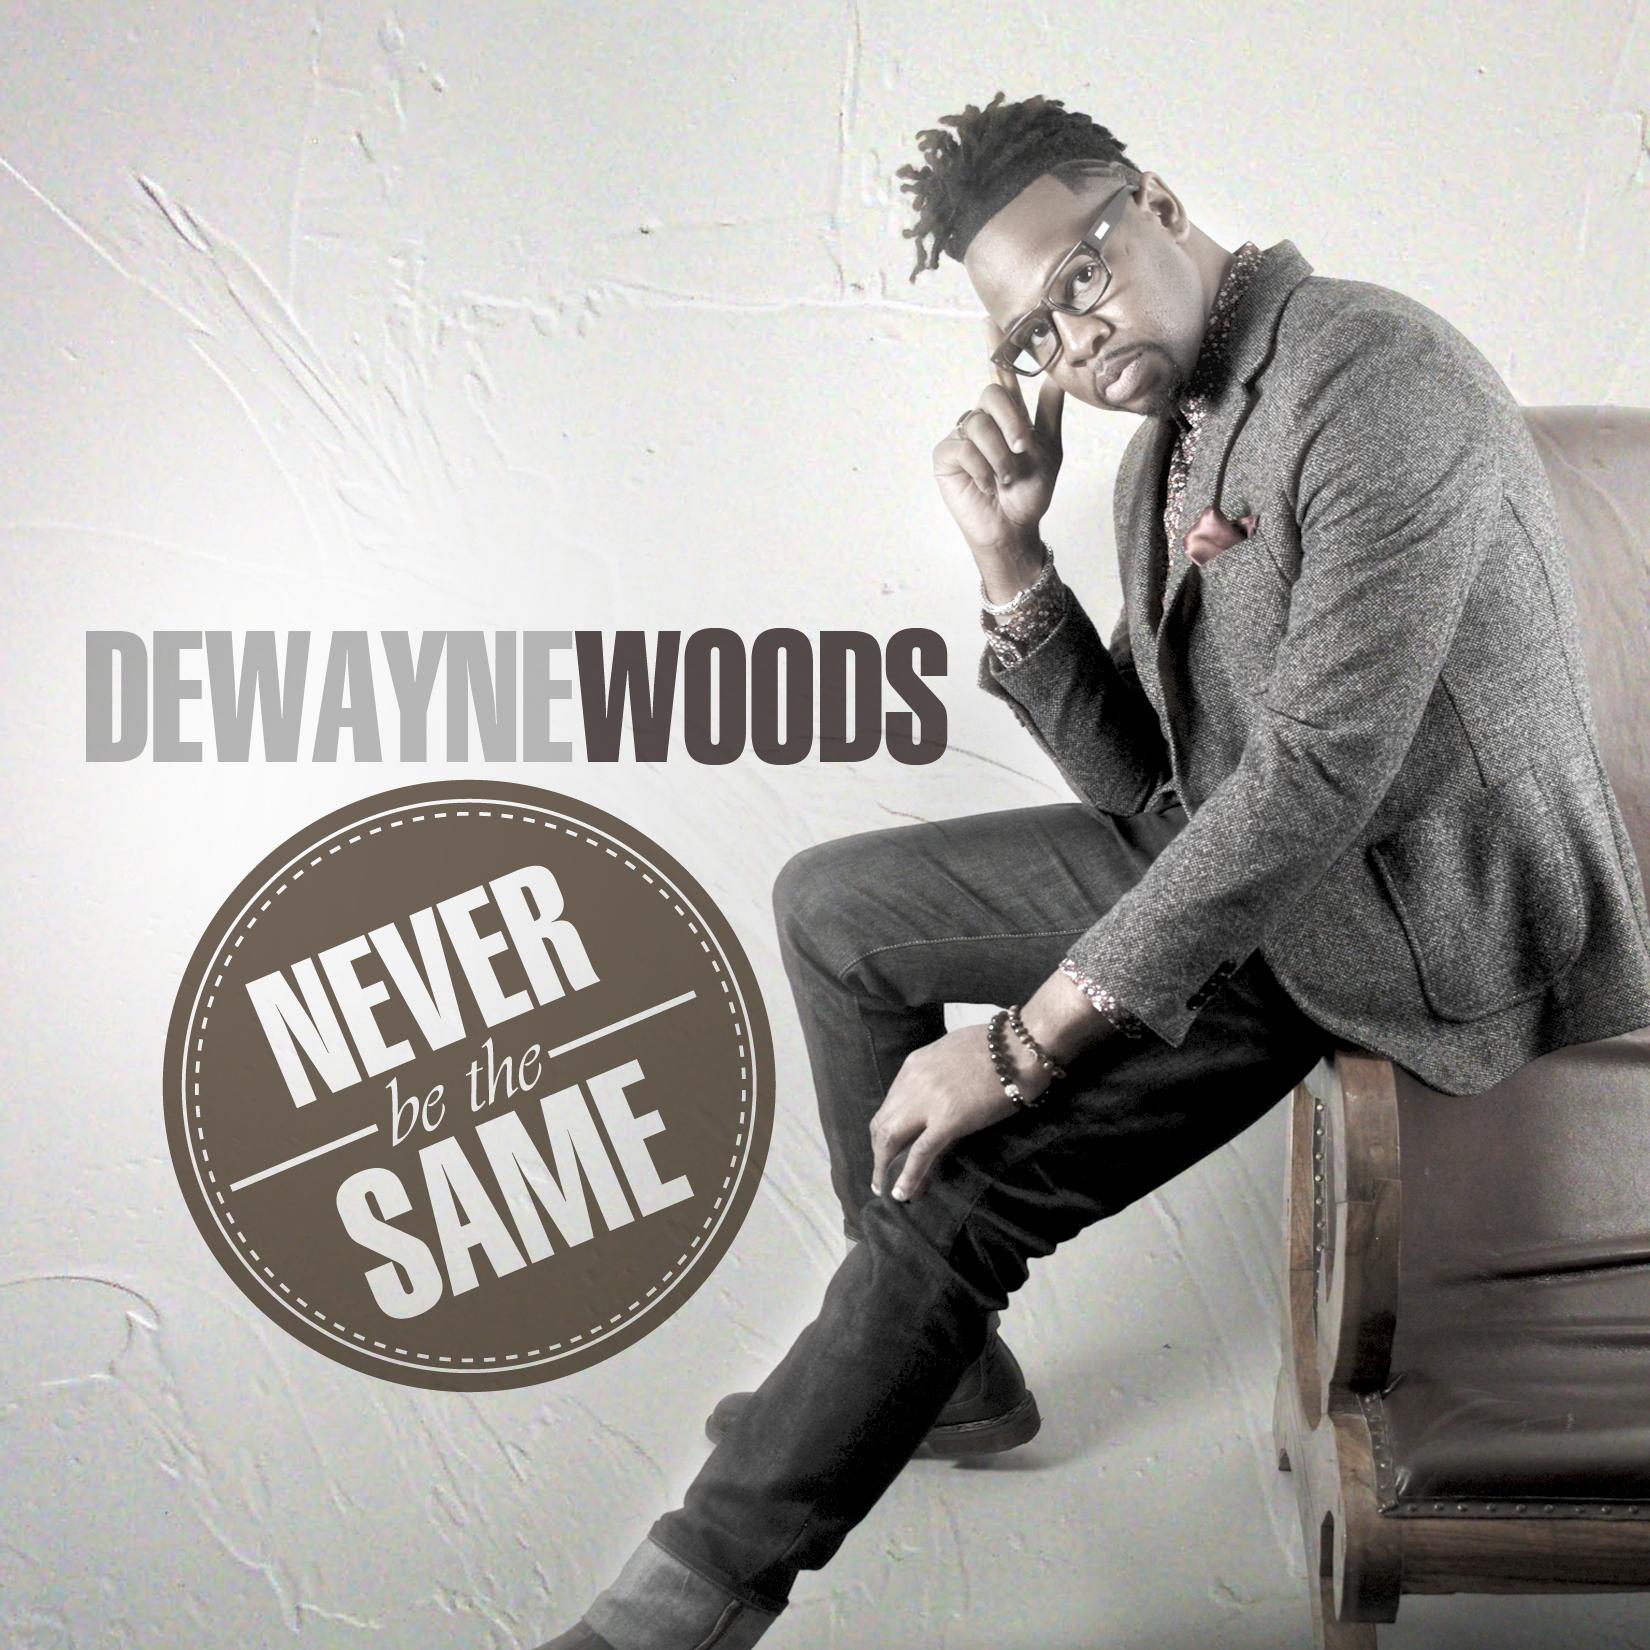 dewayne woods 2014